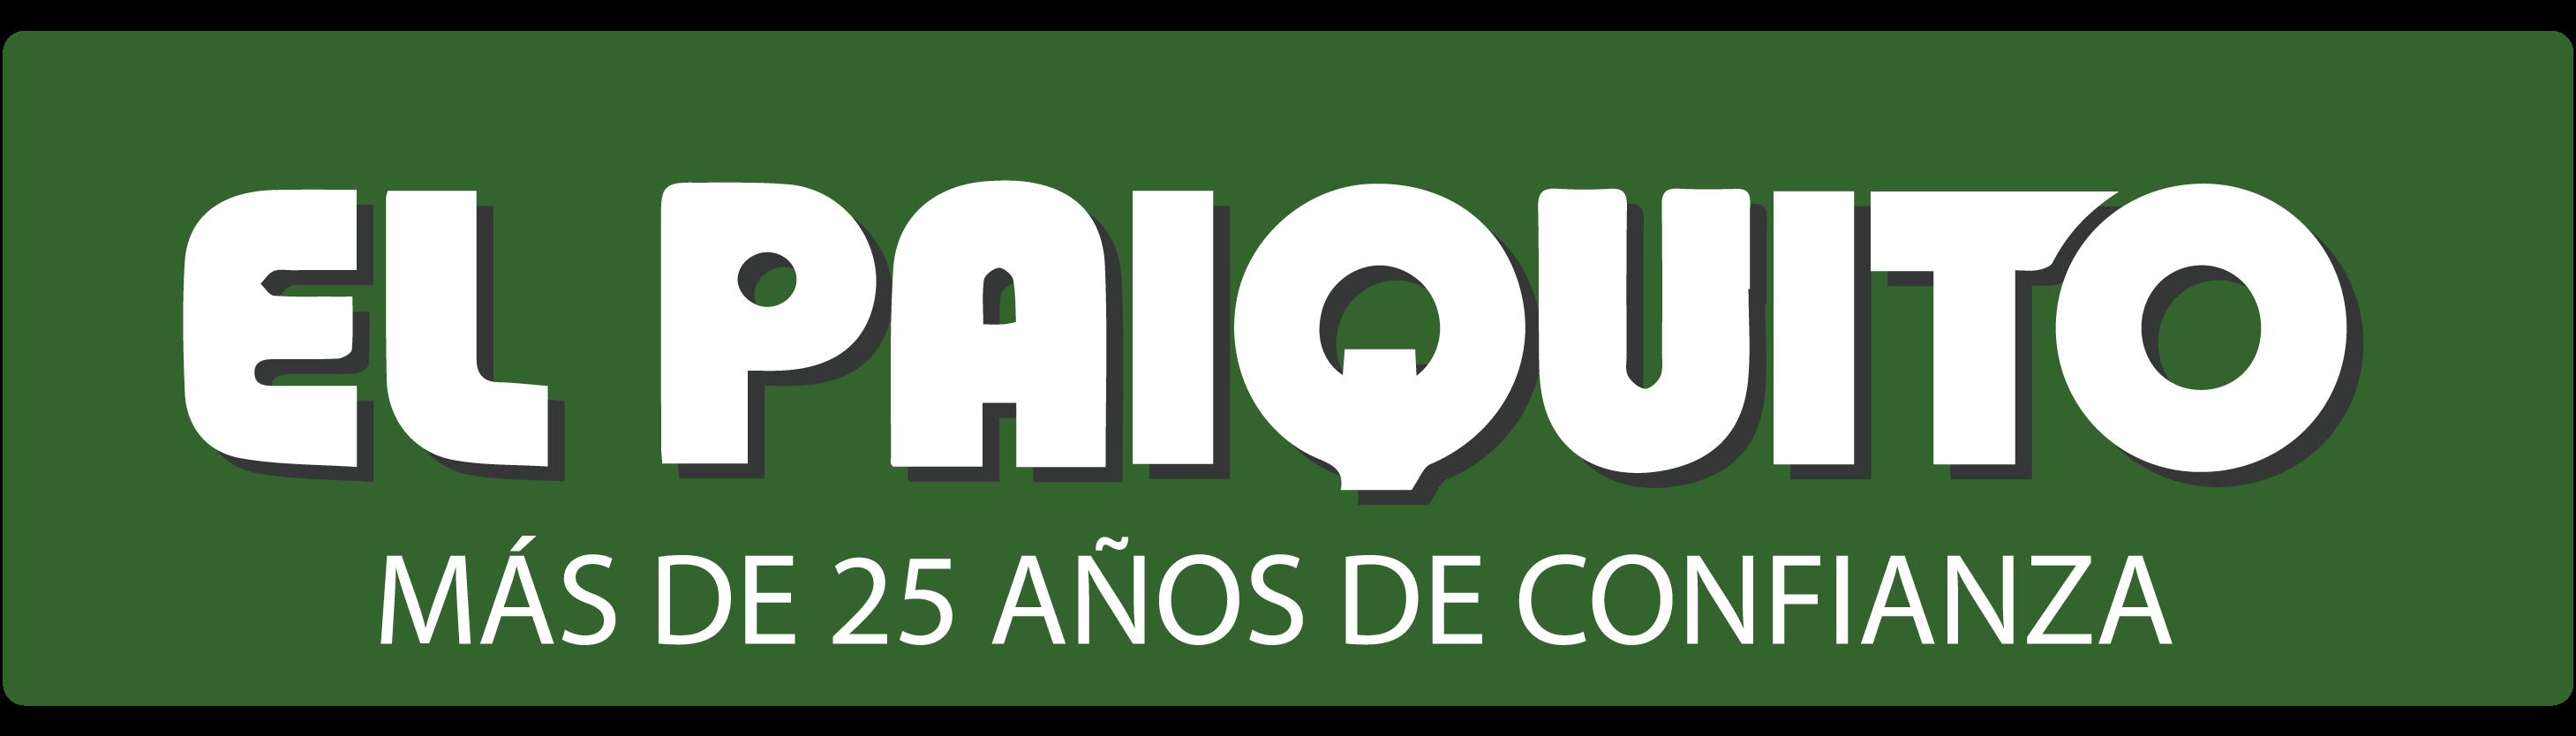 EL PAIQUITO